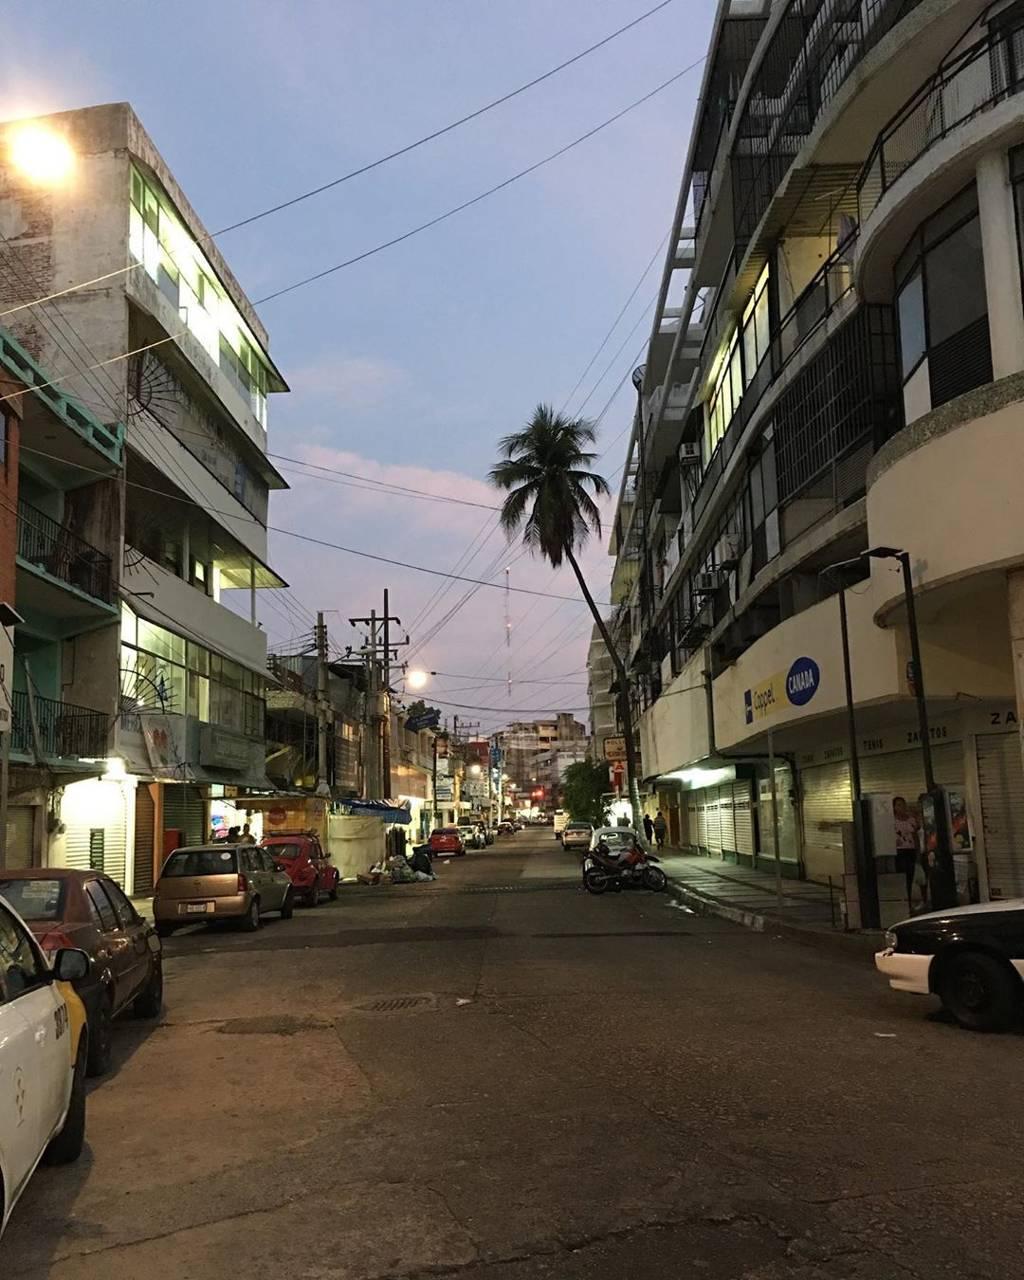 Calle mina